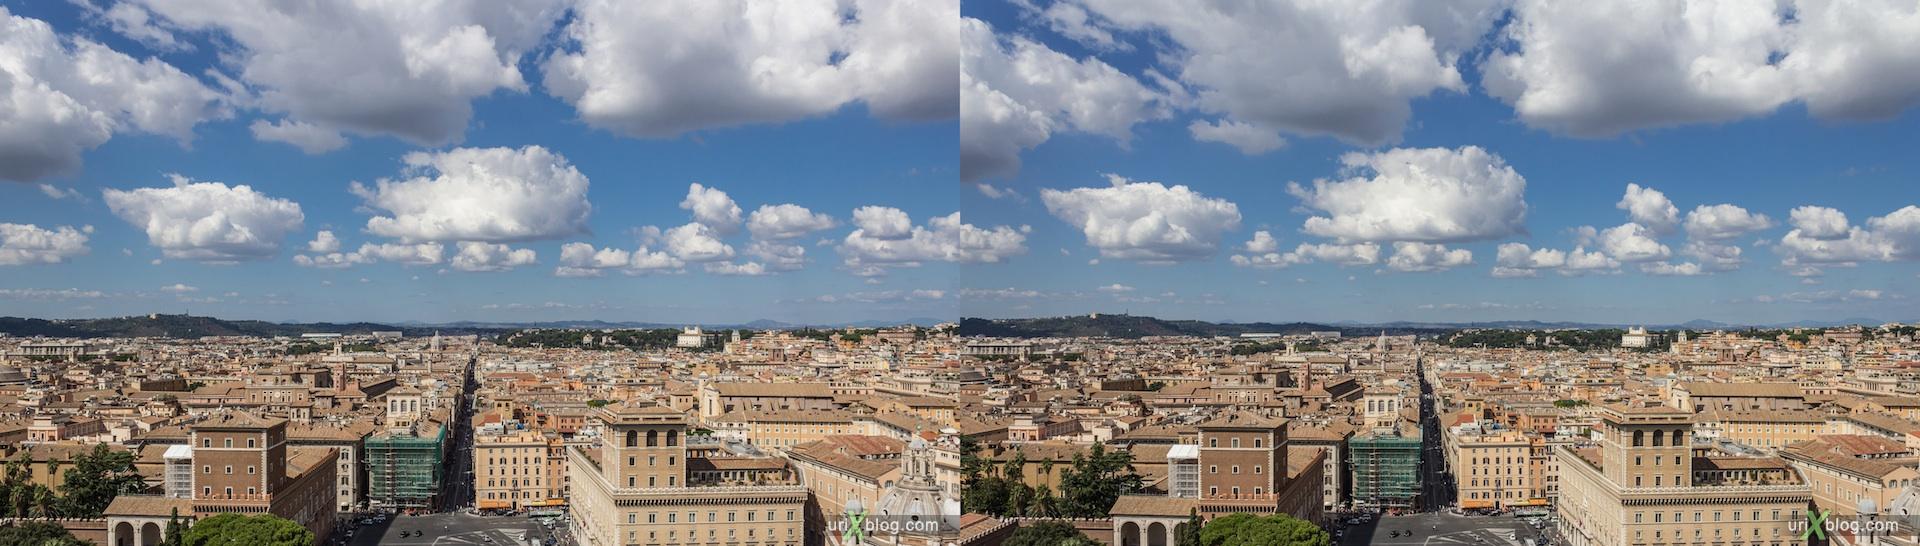 2012, Витториано, Монумент Виктора Эммануила II, крыша, смотровая площадка, гиперстерео, Рим, Италия, осень, 3D, перекрёстные стереопары, стерео, стереопара, стереопары